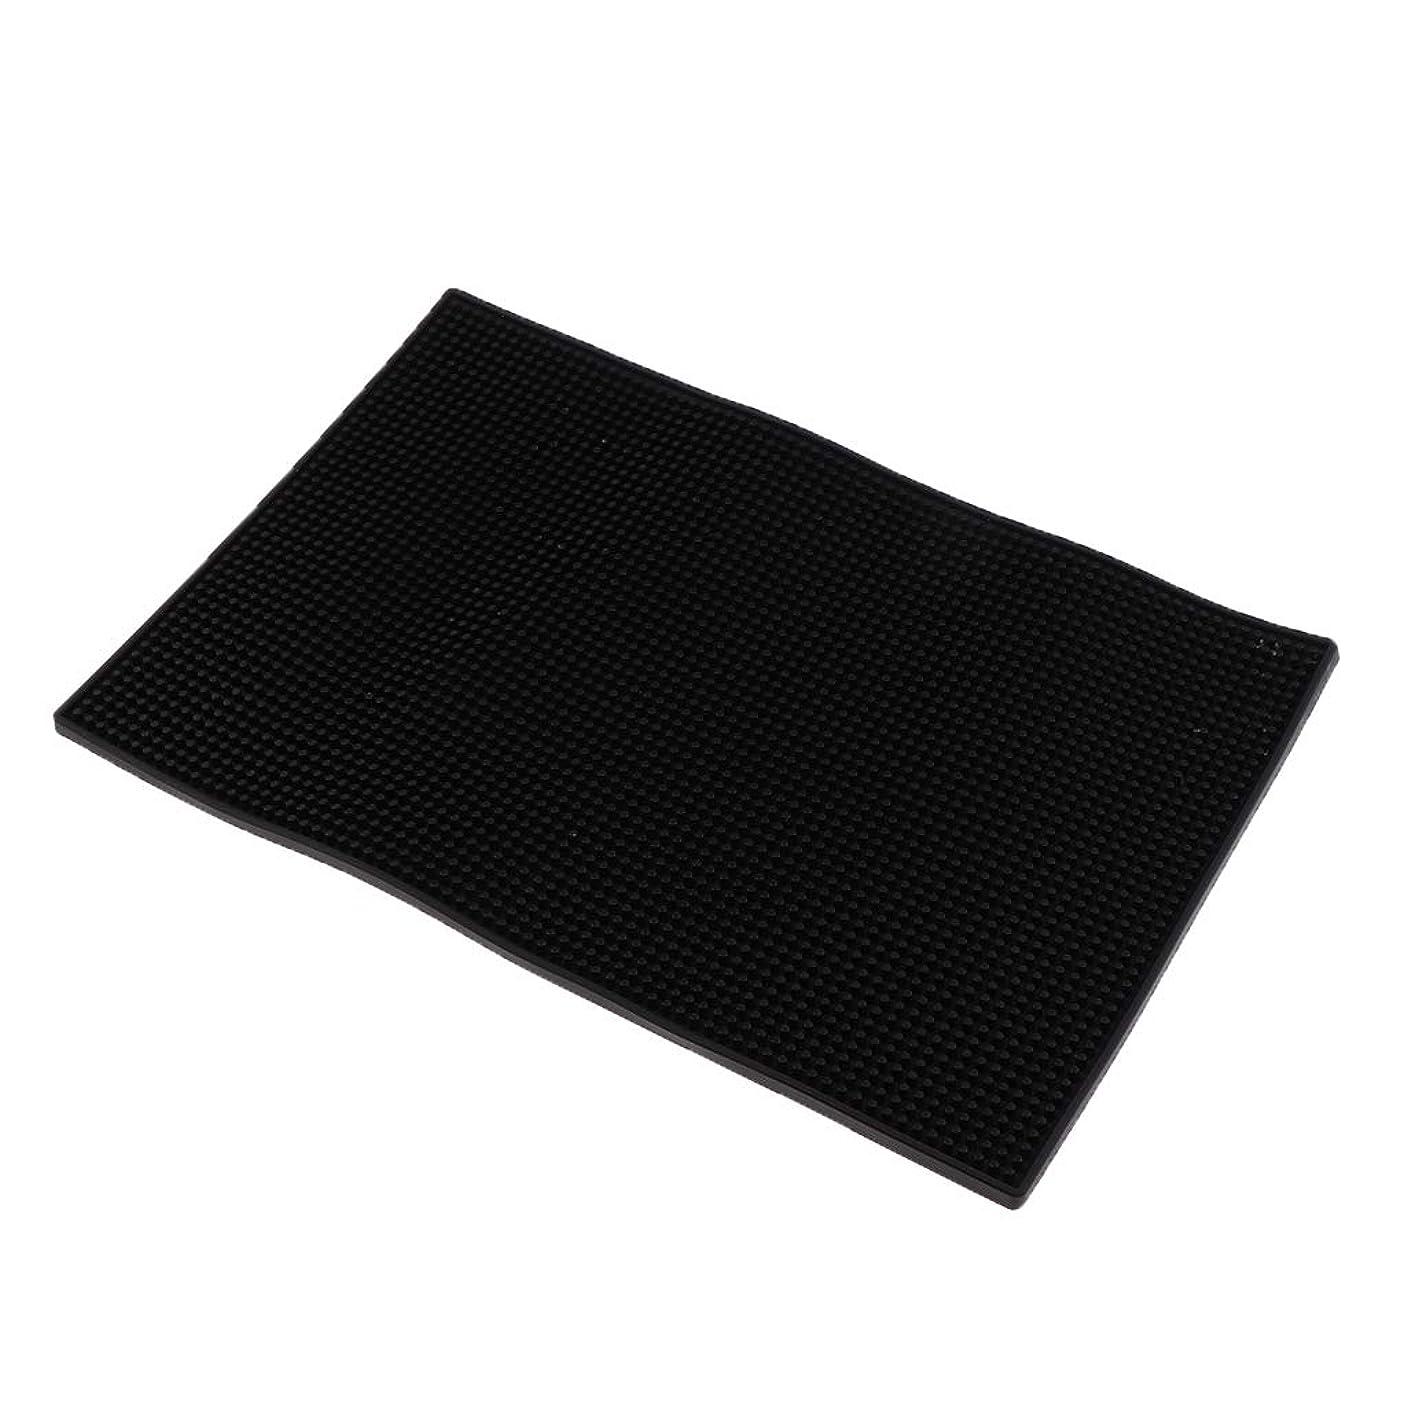 シェーバー最初はステーキToygogo マニキュアツール ネイルアートクッション ピロー シリコンマット 全3色 - 黒